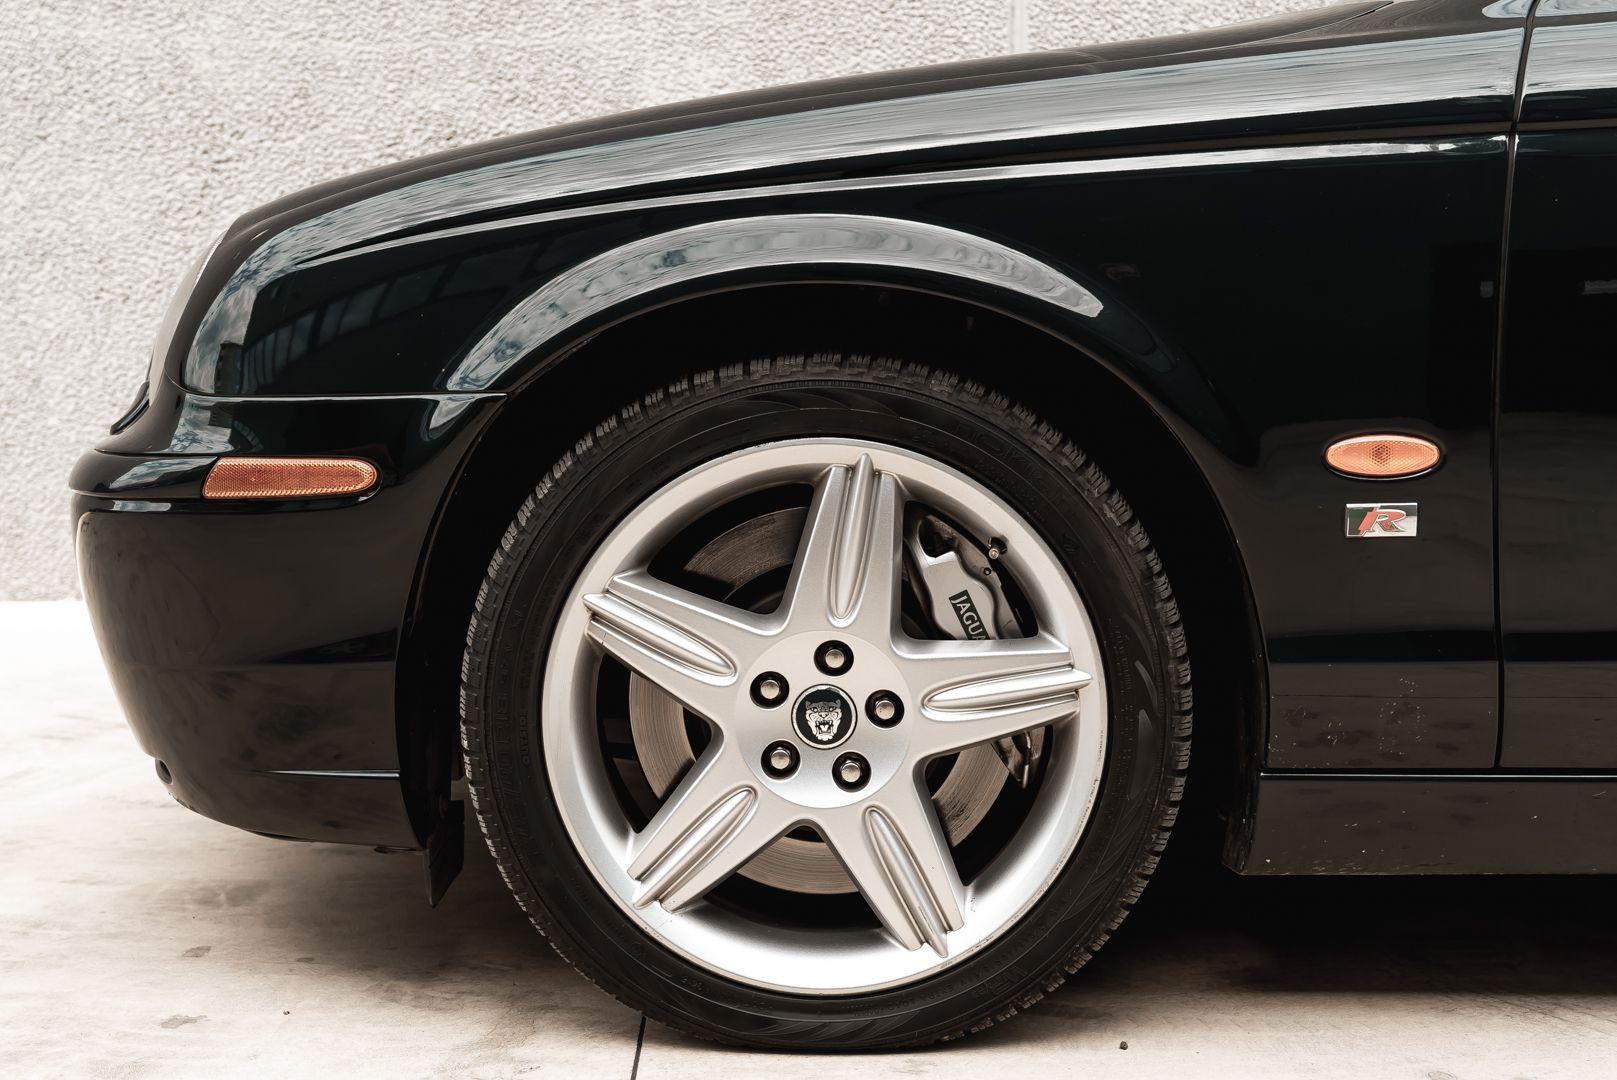 2002 Jaguar S-Type R 4.2 V8 81170